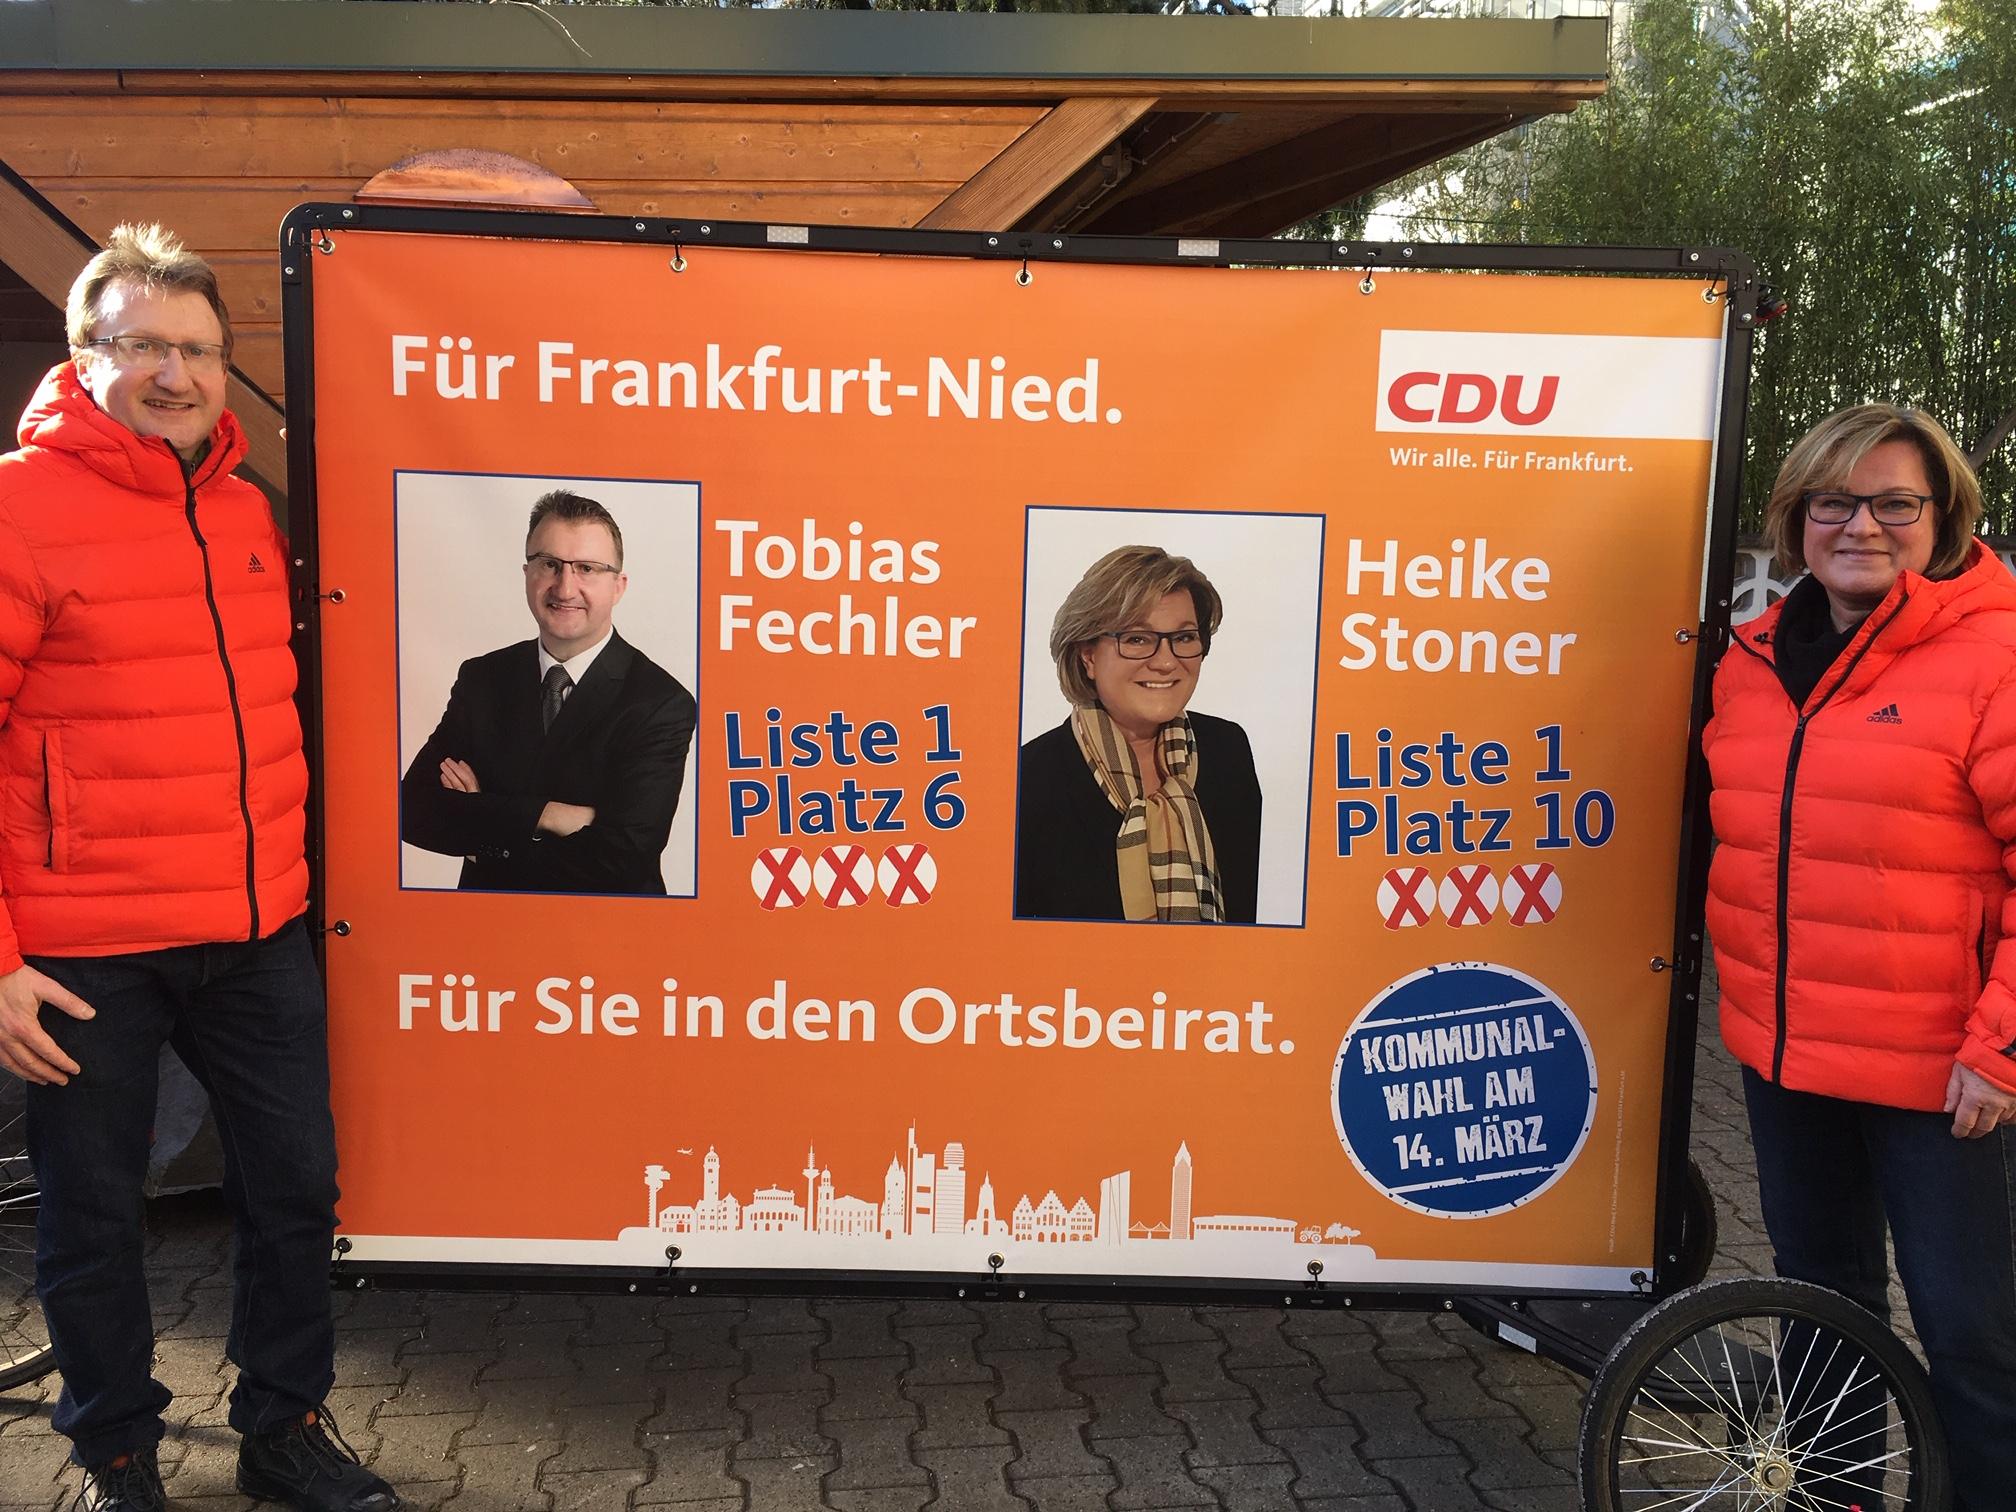 Tobias Fechler und Heike Stoner kandidieren für den Ortsbeirat 6.